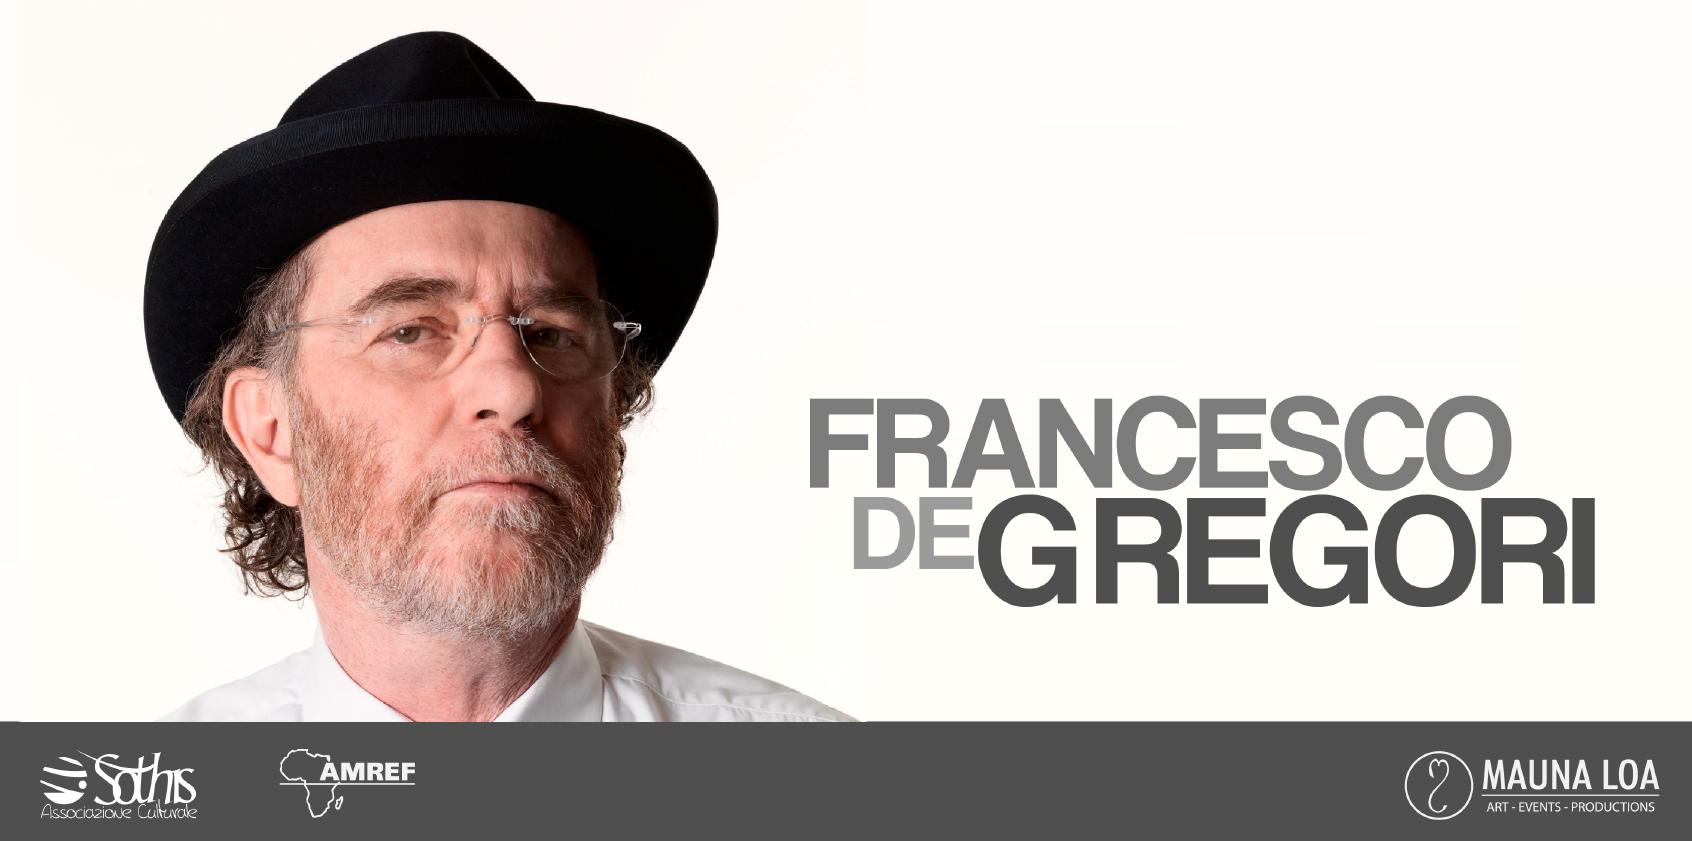 """Francesco de Gregori: da venerdì 25 marzo in radio il nuovo singolo """"come il giorno"""""""